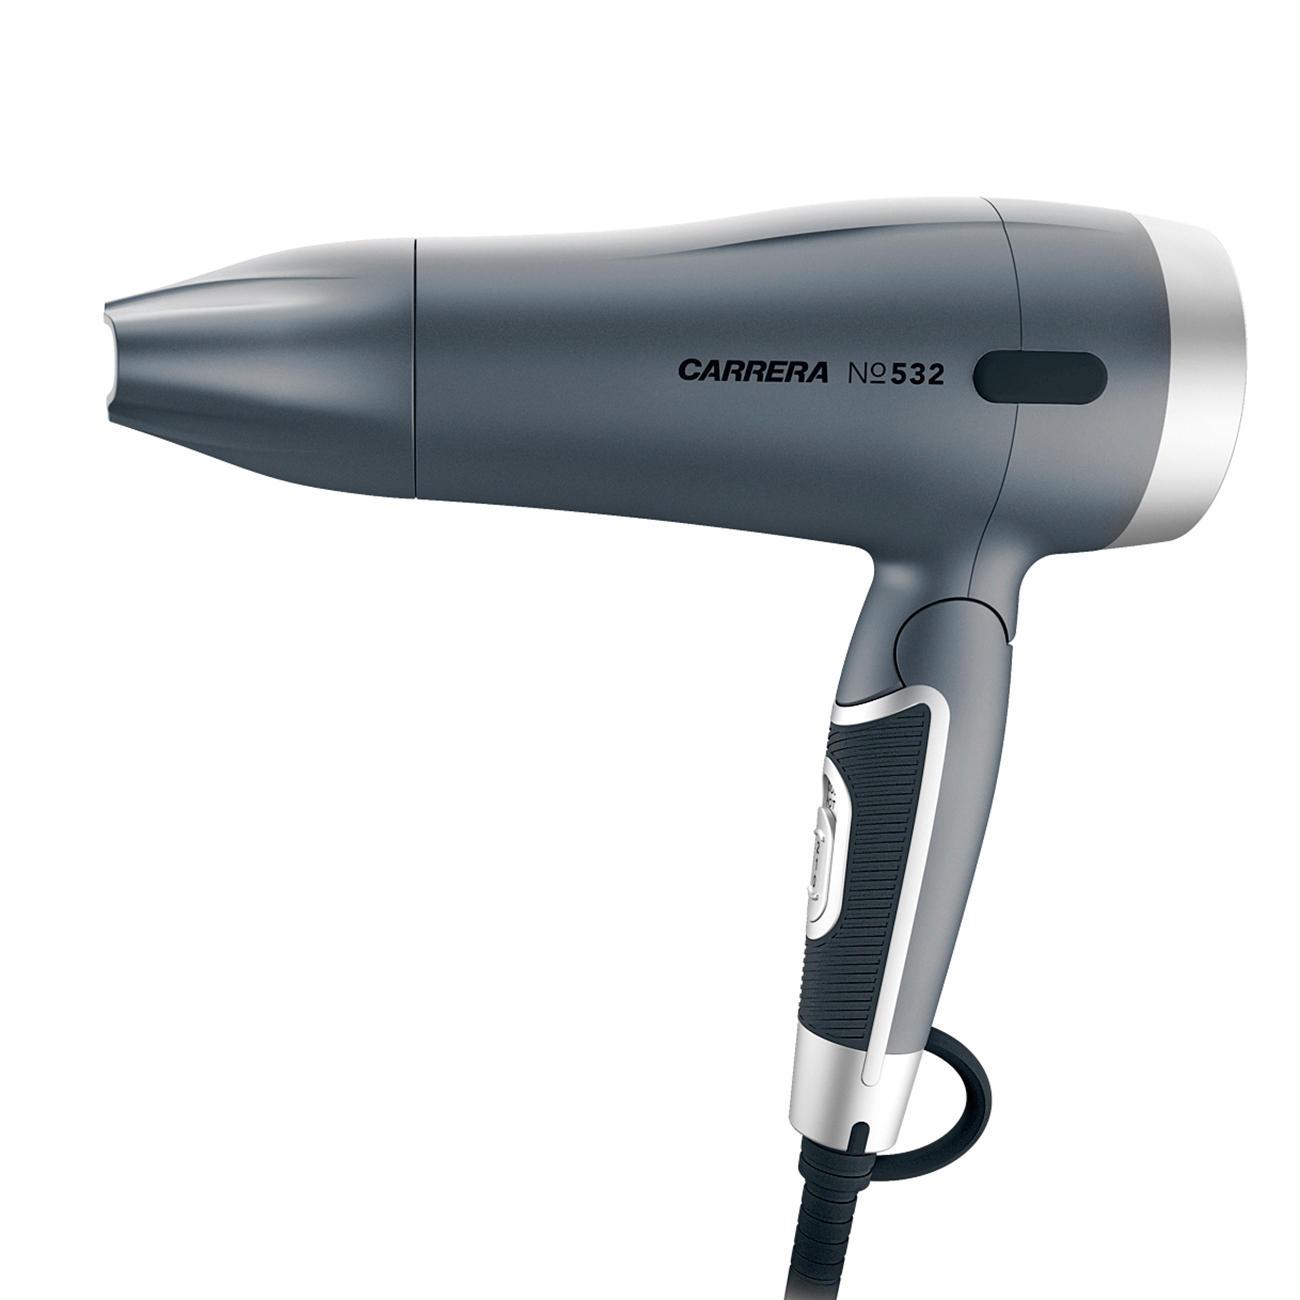 Buy Carrera Compact Hair Dryer No 532 Online